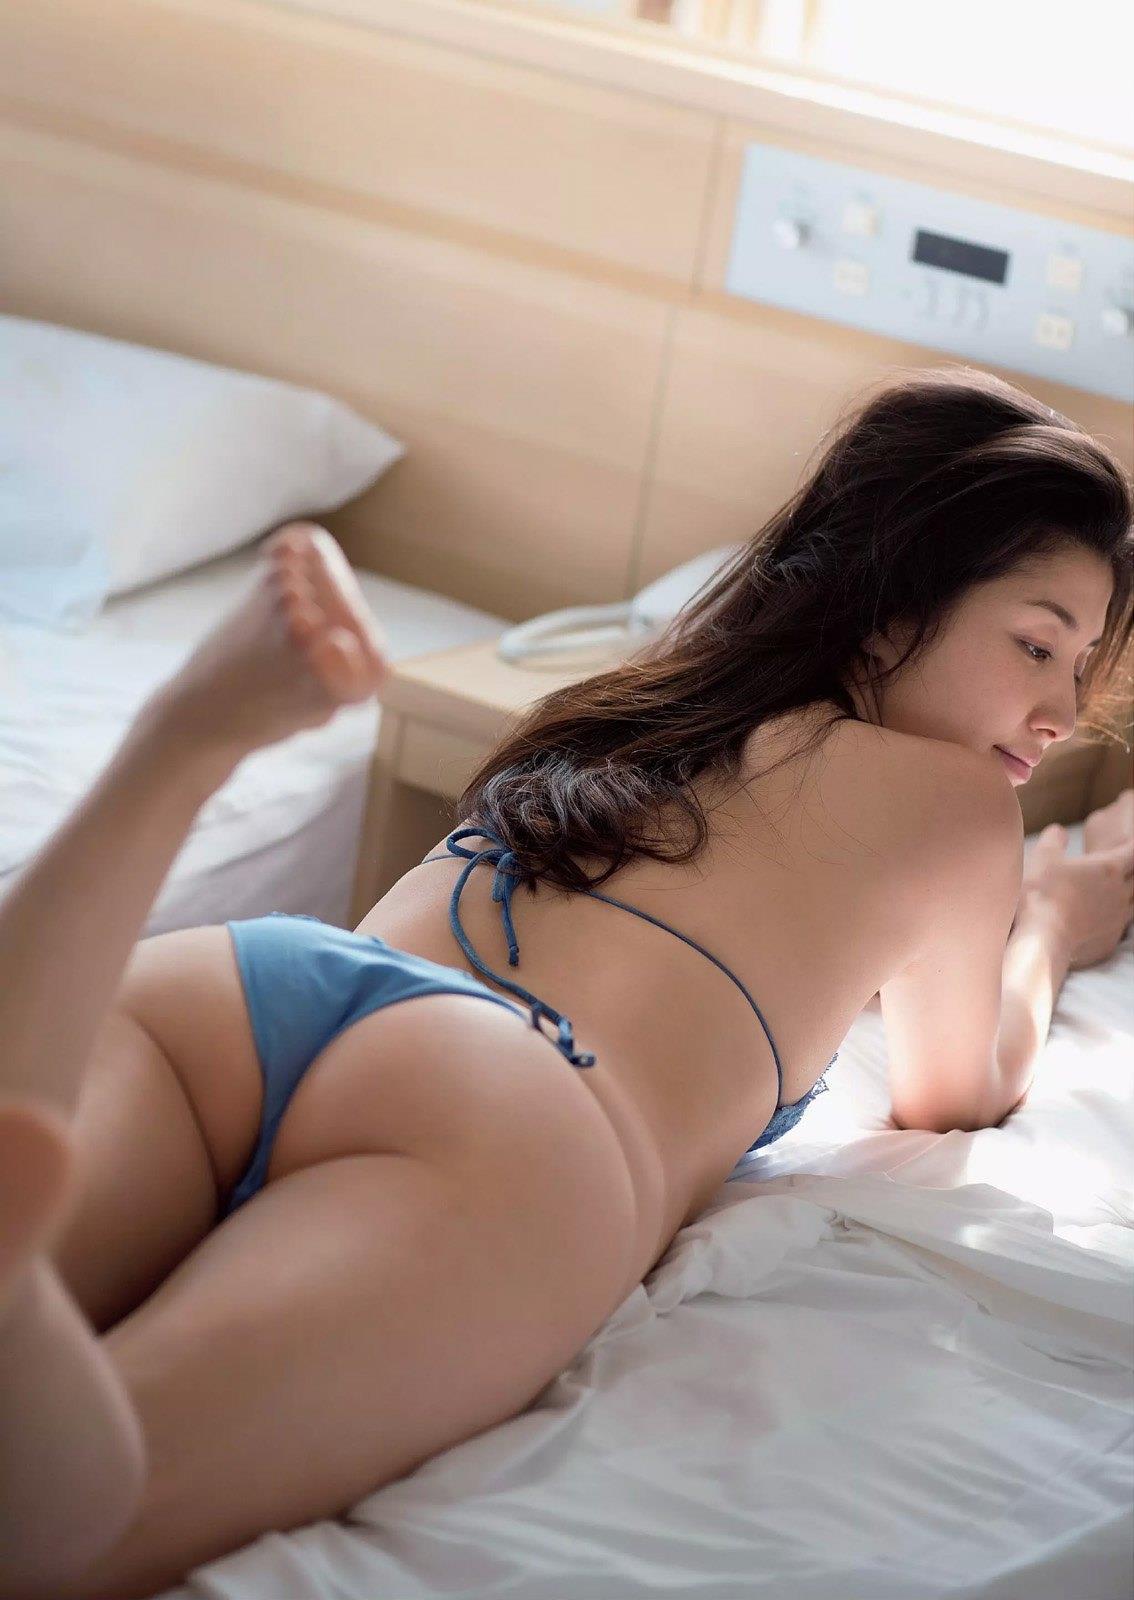 橋本マナミ 過激グラビア画像 106